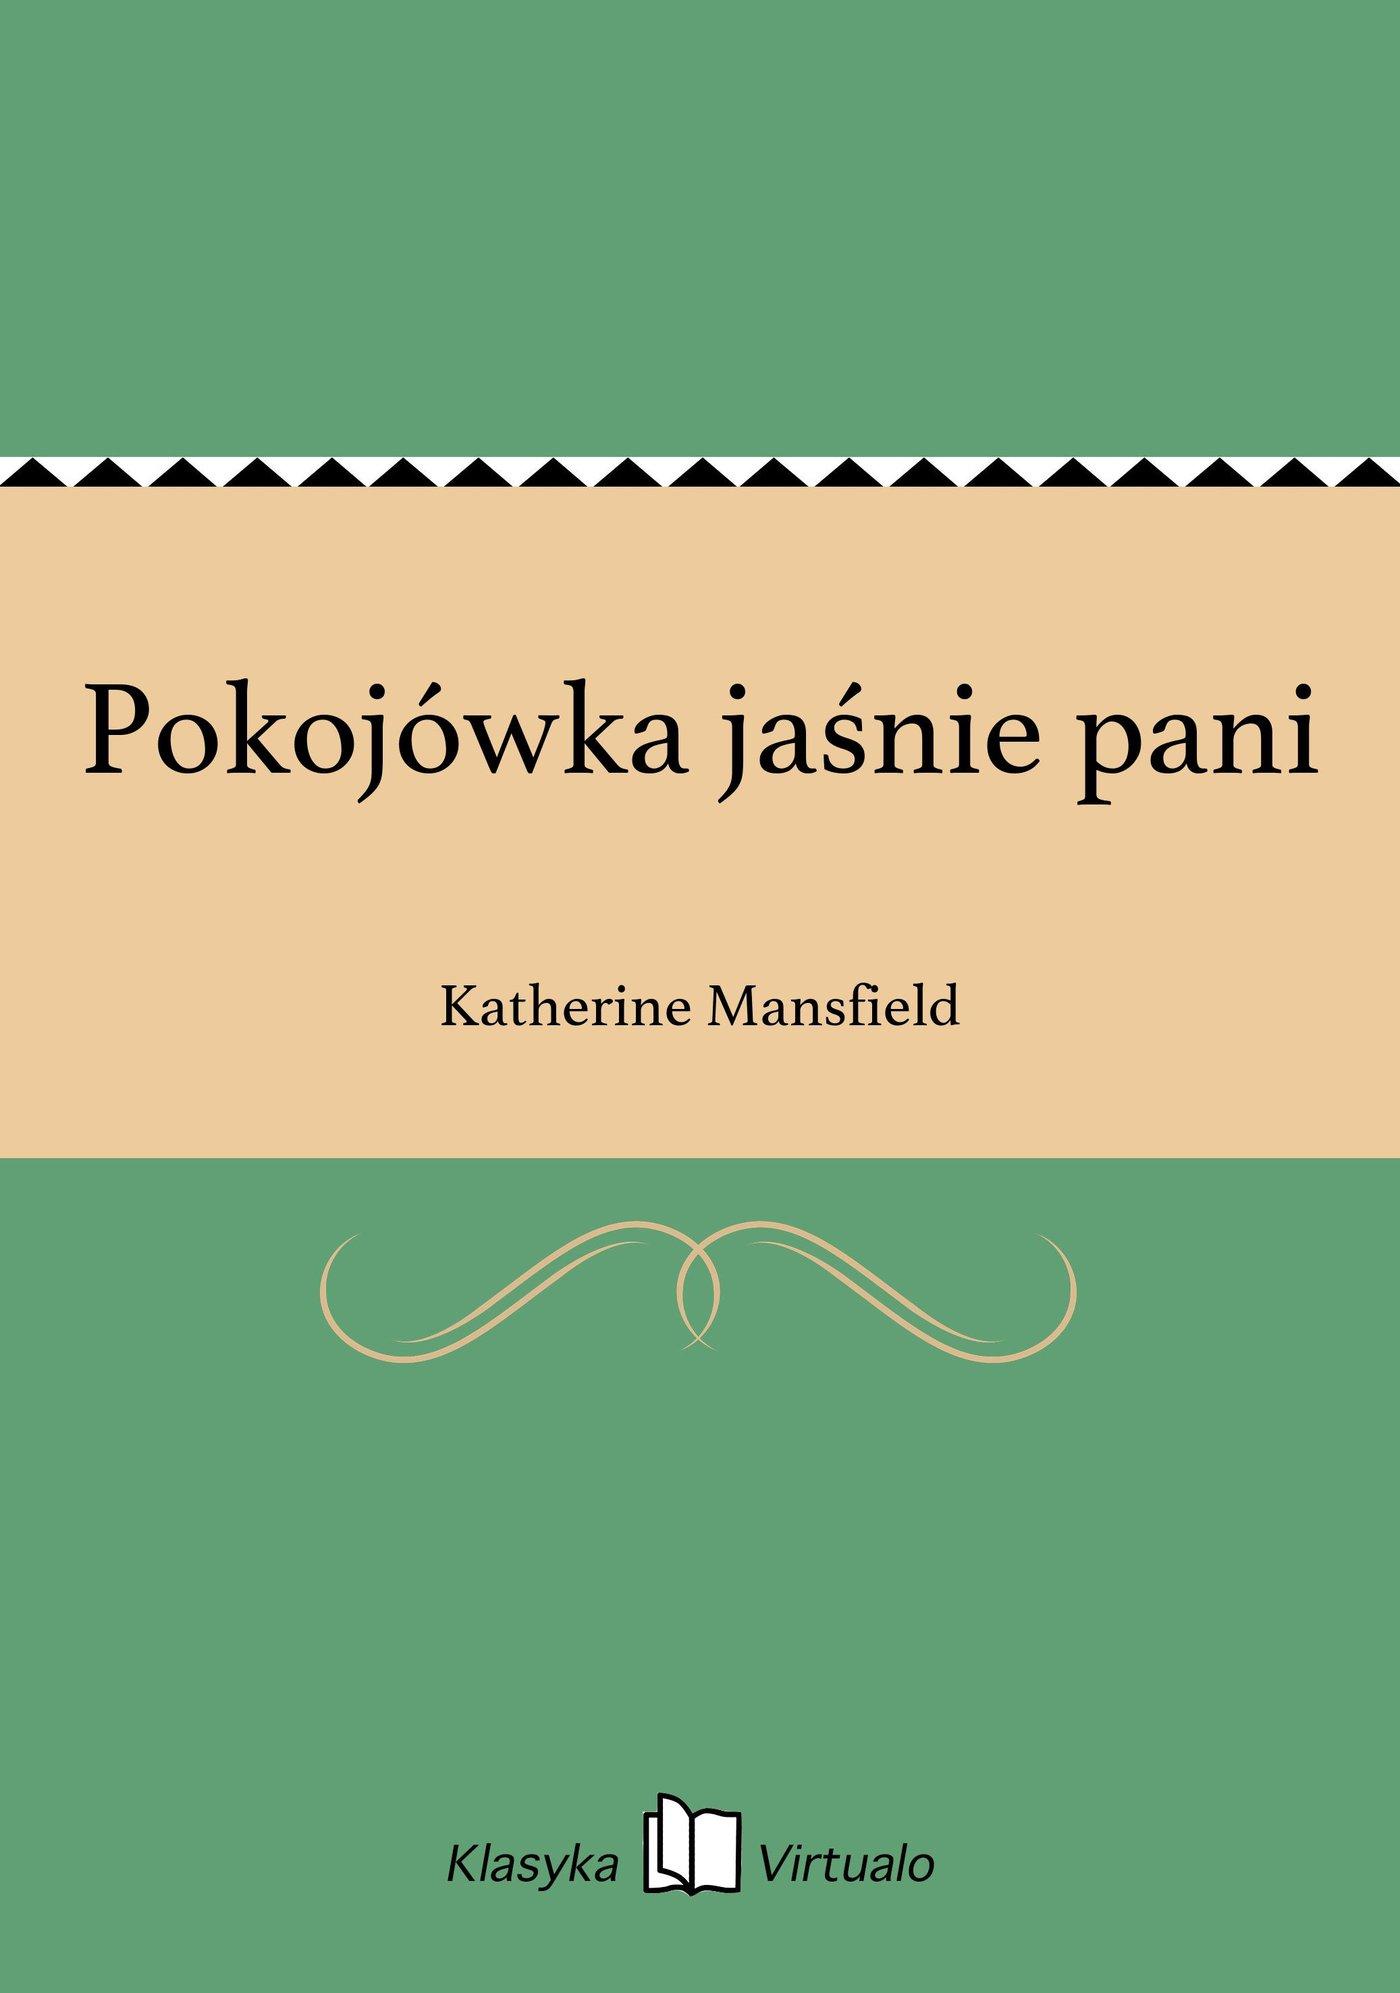 Pokojówka jaśnie pani - Ebook (Książka EPUB) do pobrania w formacie EPUB